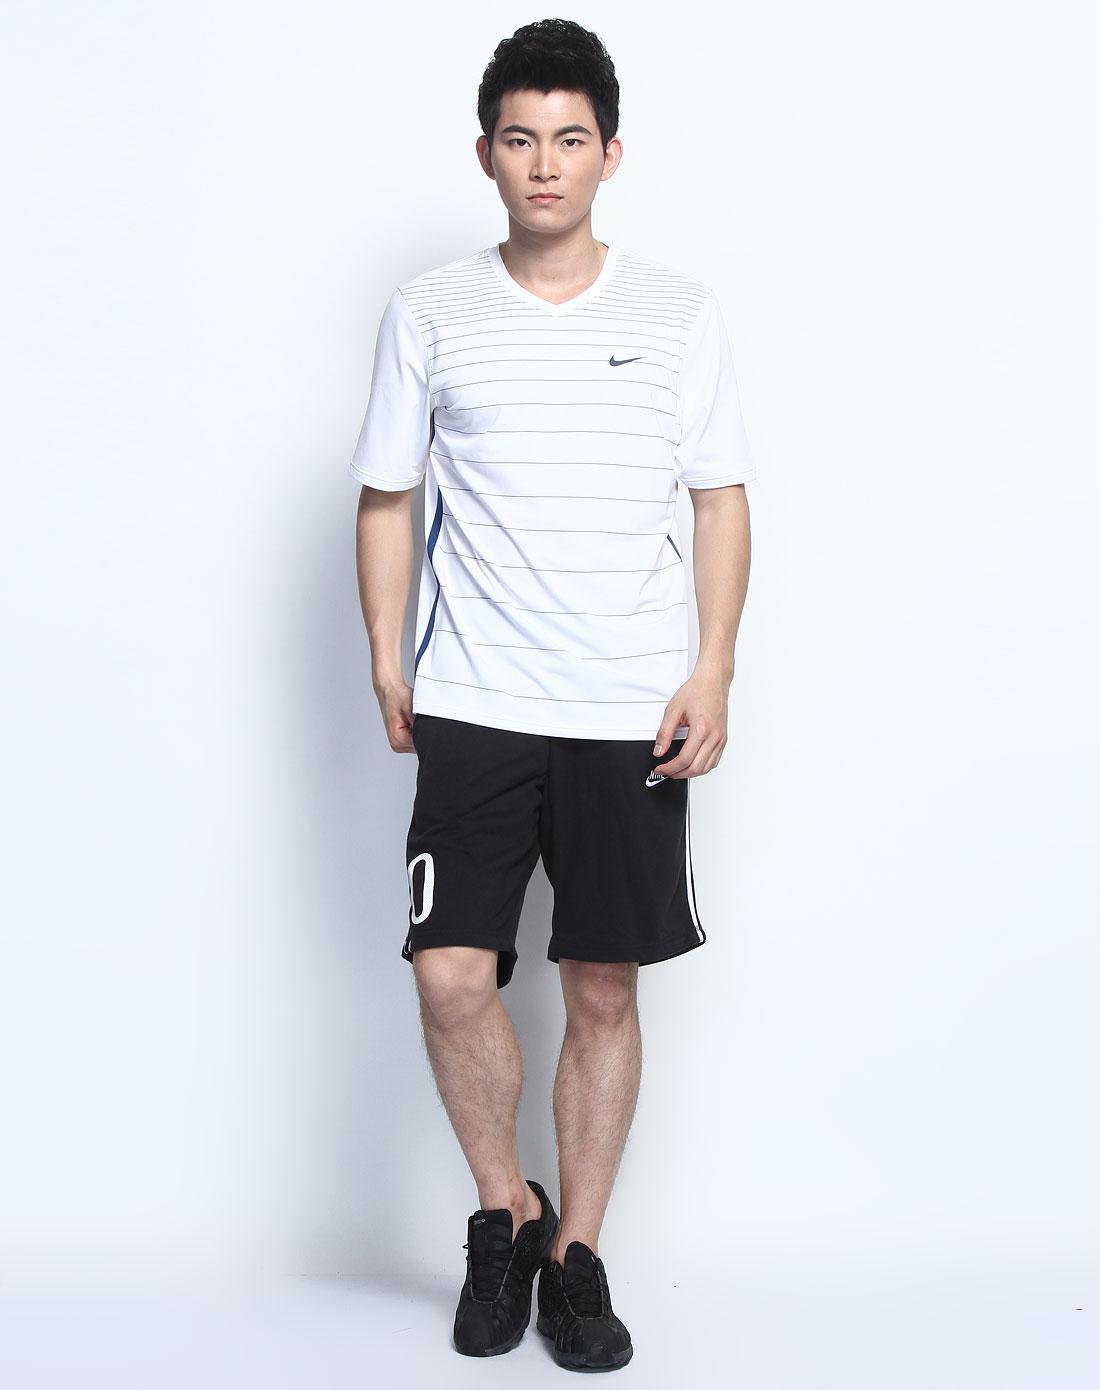 耐克nike男装专场-横条纹v领白宝蓝色短袖t恤